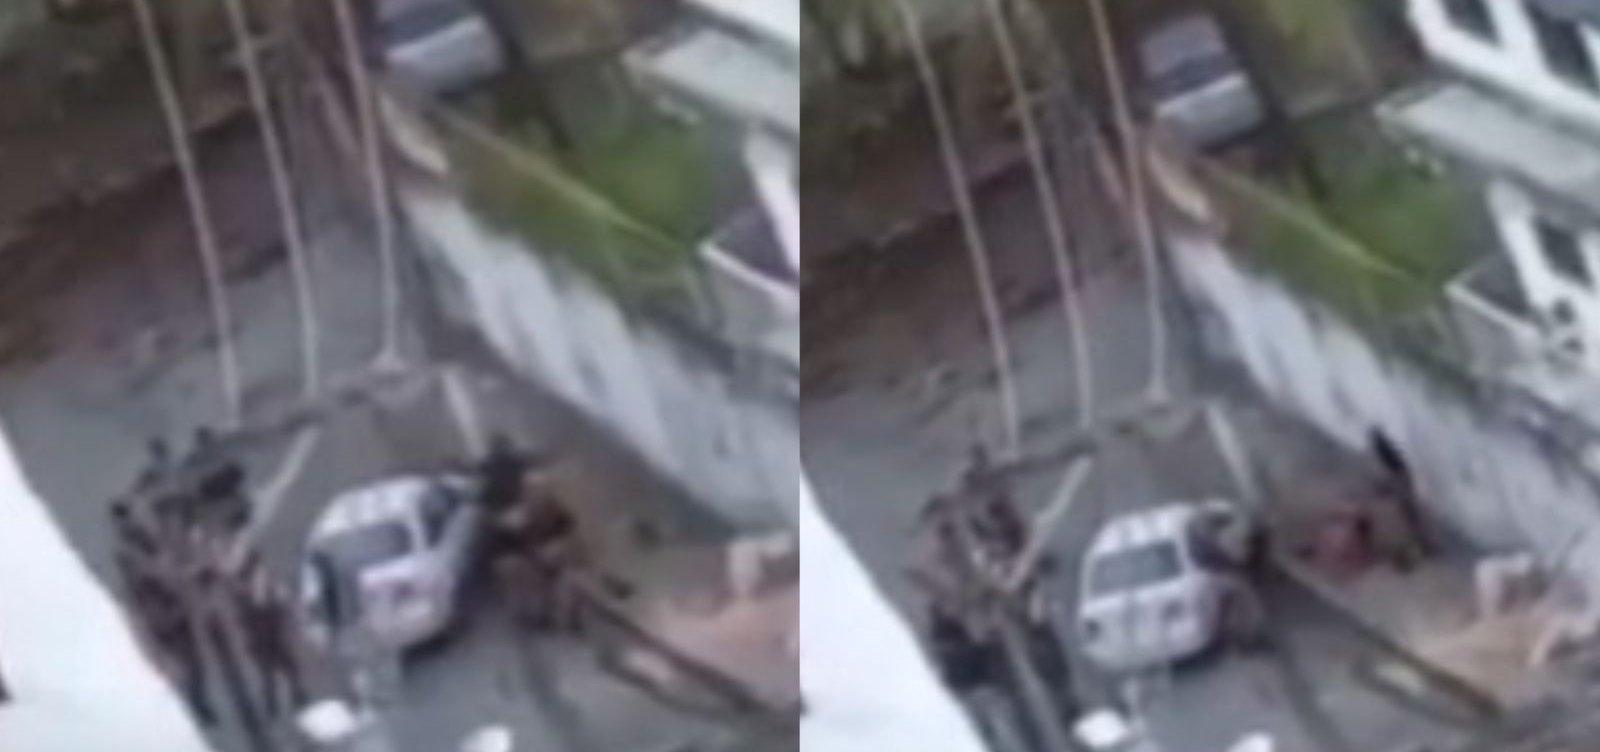 Corregedoria abre inquérito para investigar PMs que executaram homem no Calafate